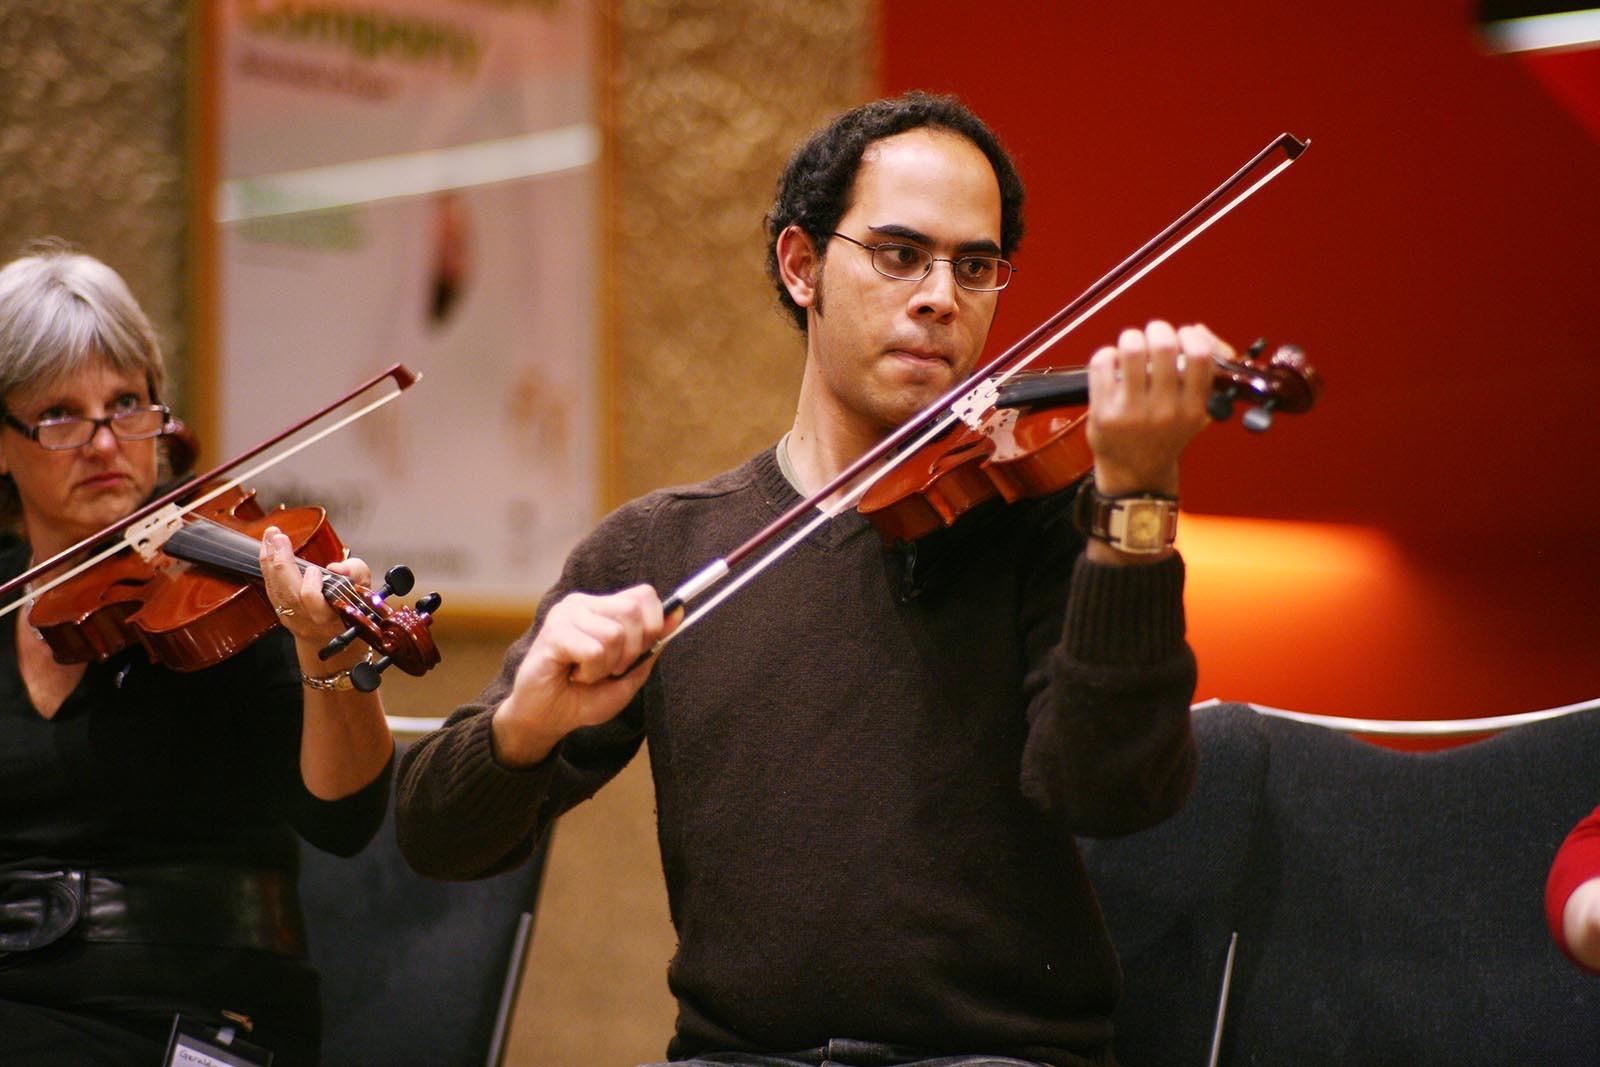 Ucastnik aktivity Orchestrate se soustredi na nelehky ukol jakym je hra na housle